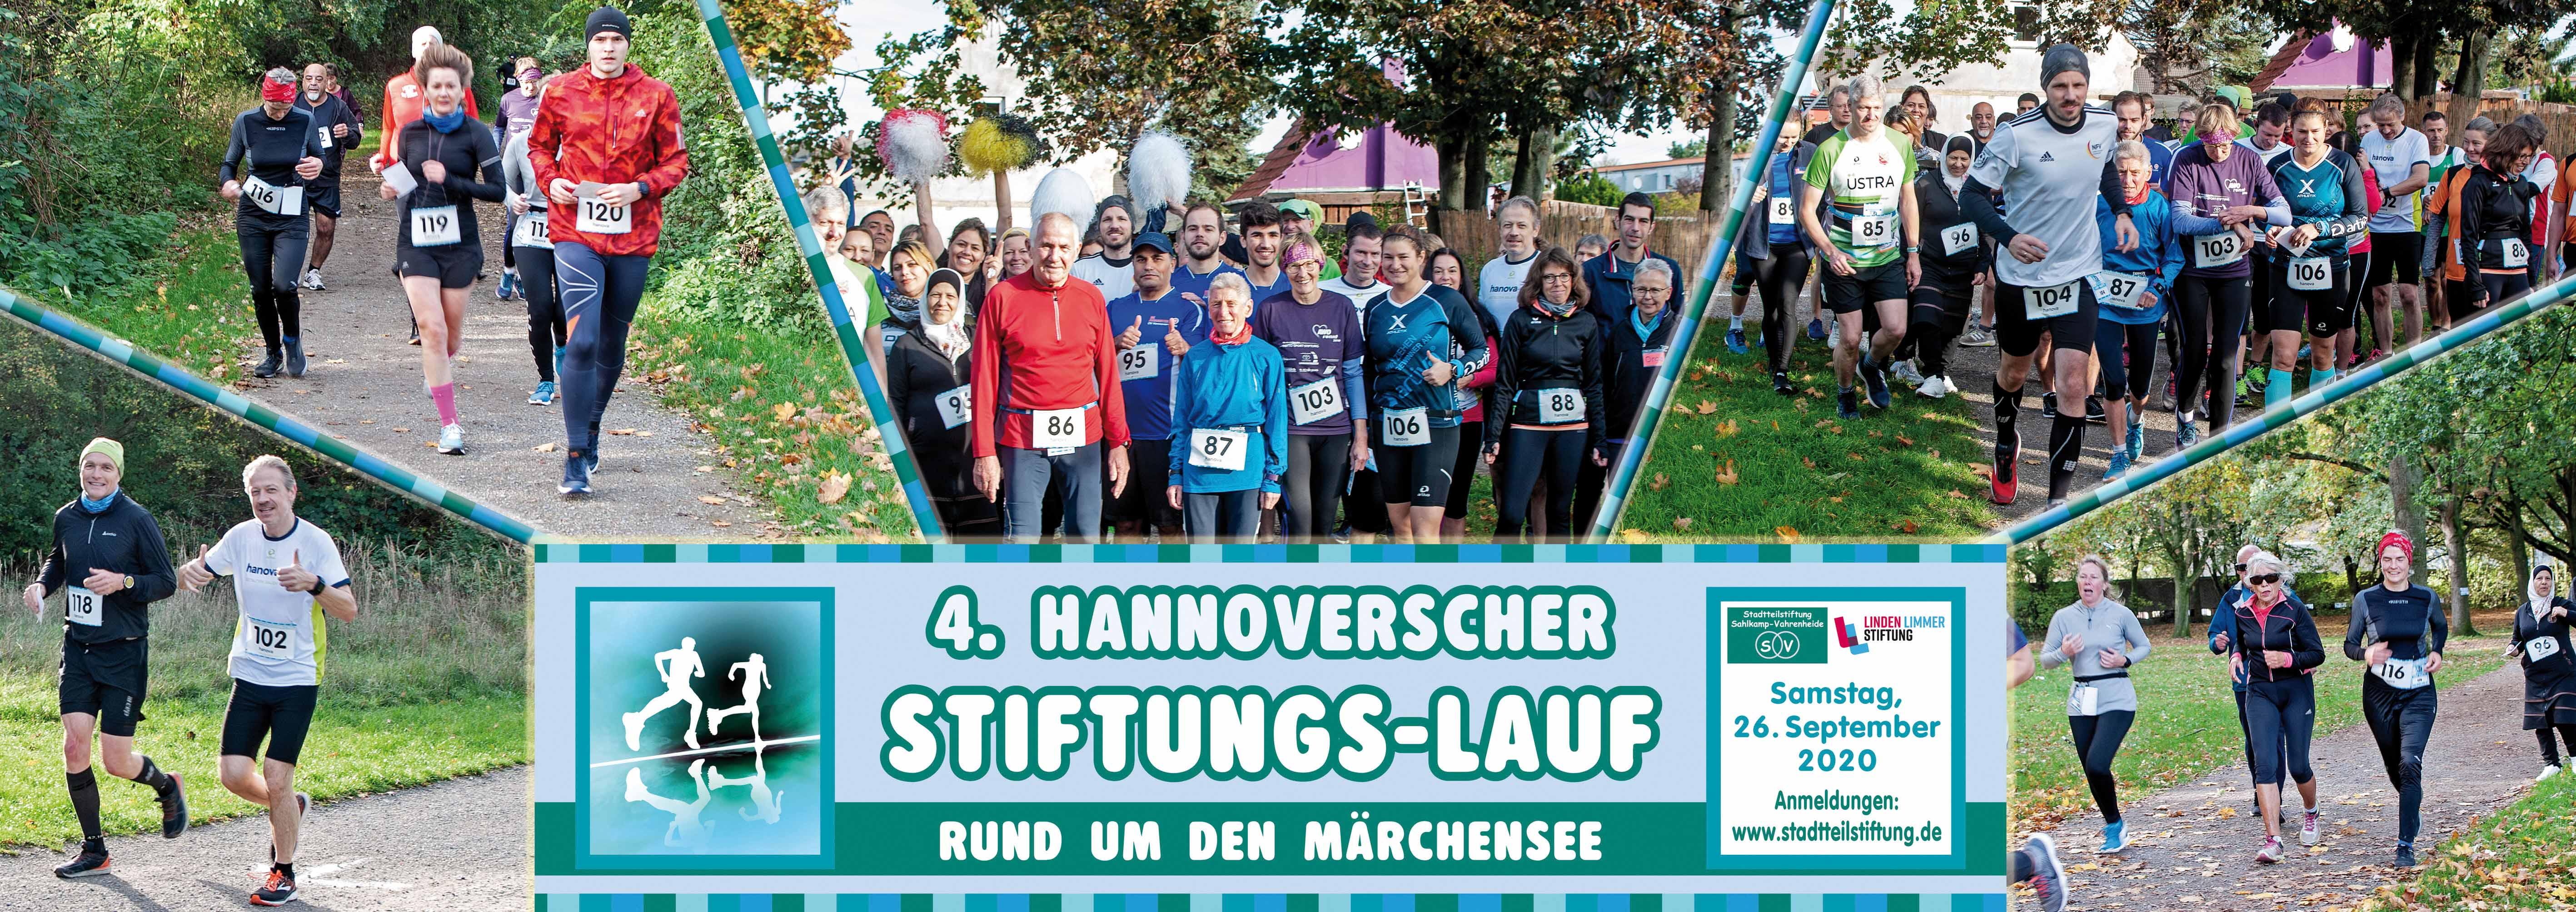 4. Hannoverscher Stiftungslauf Banner